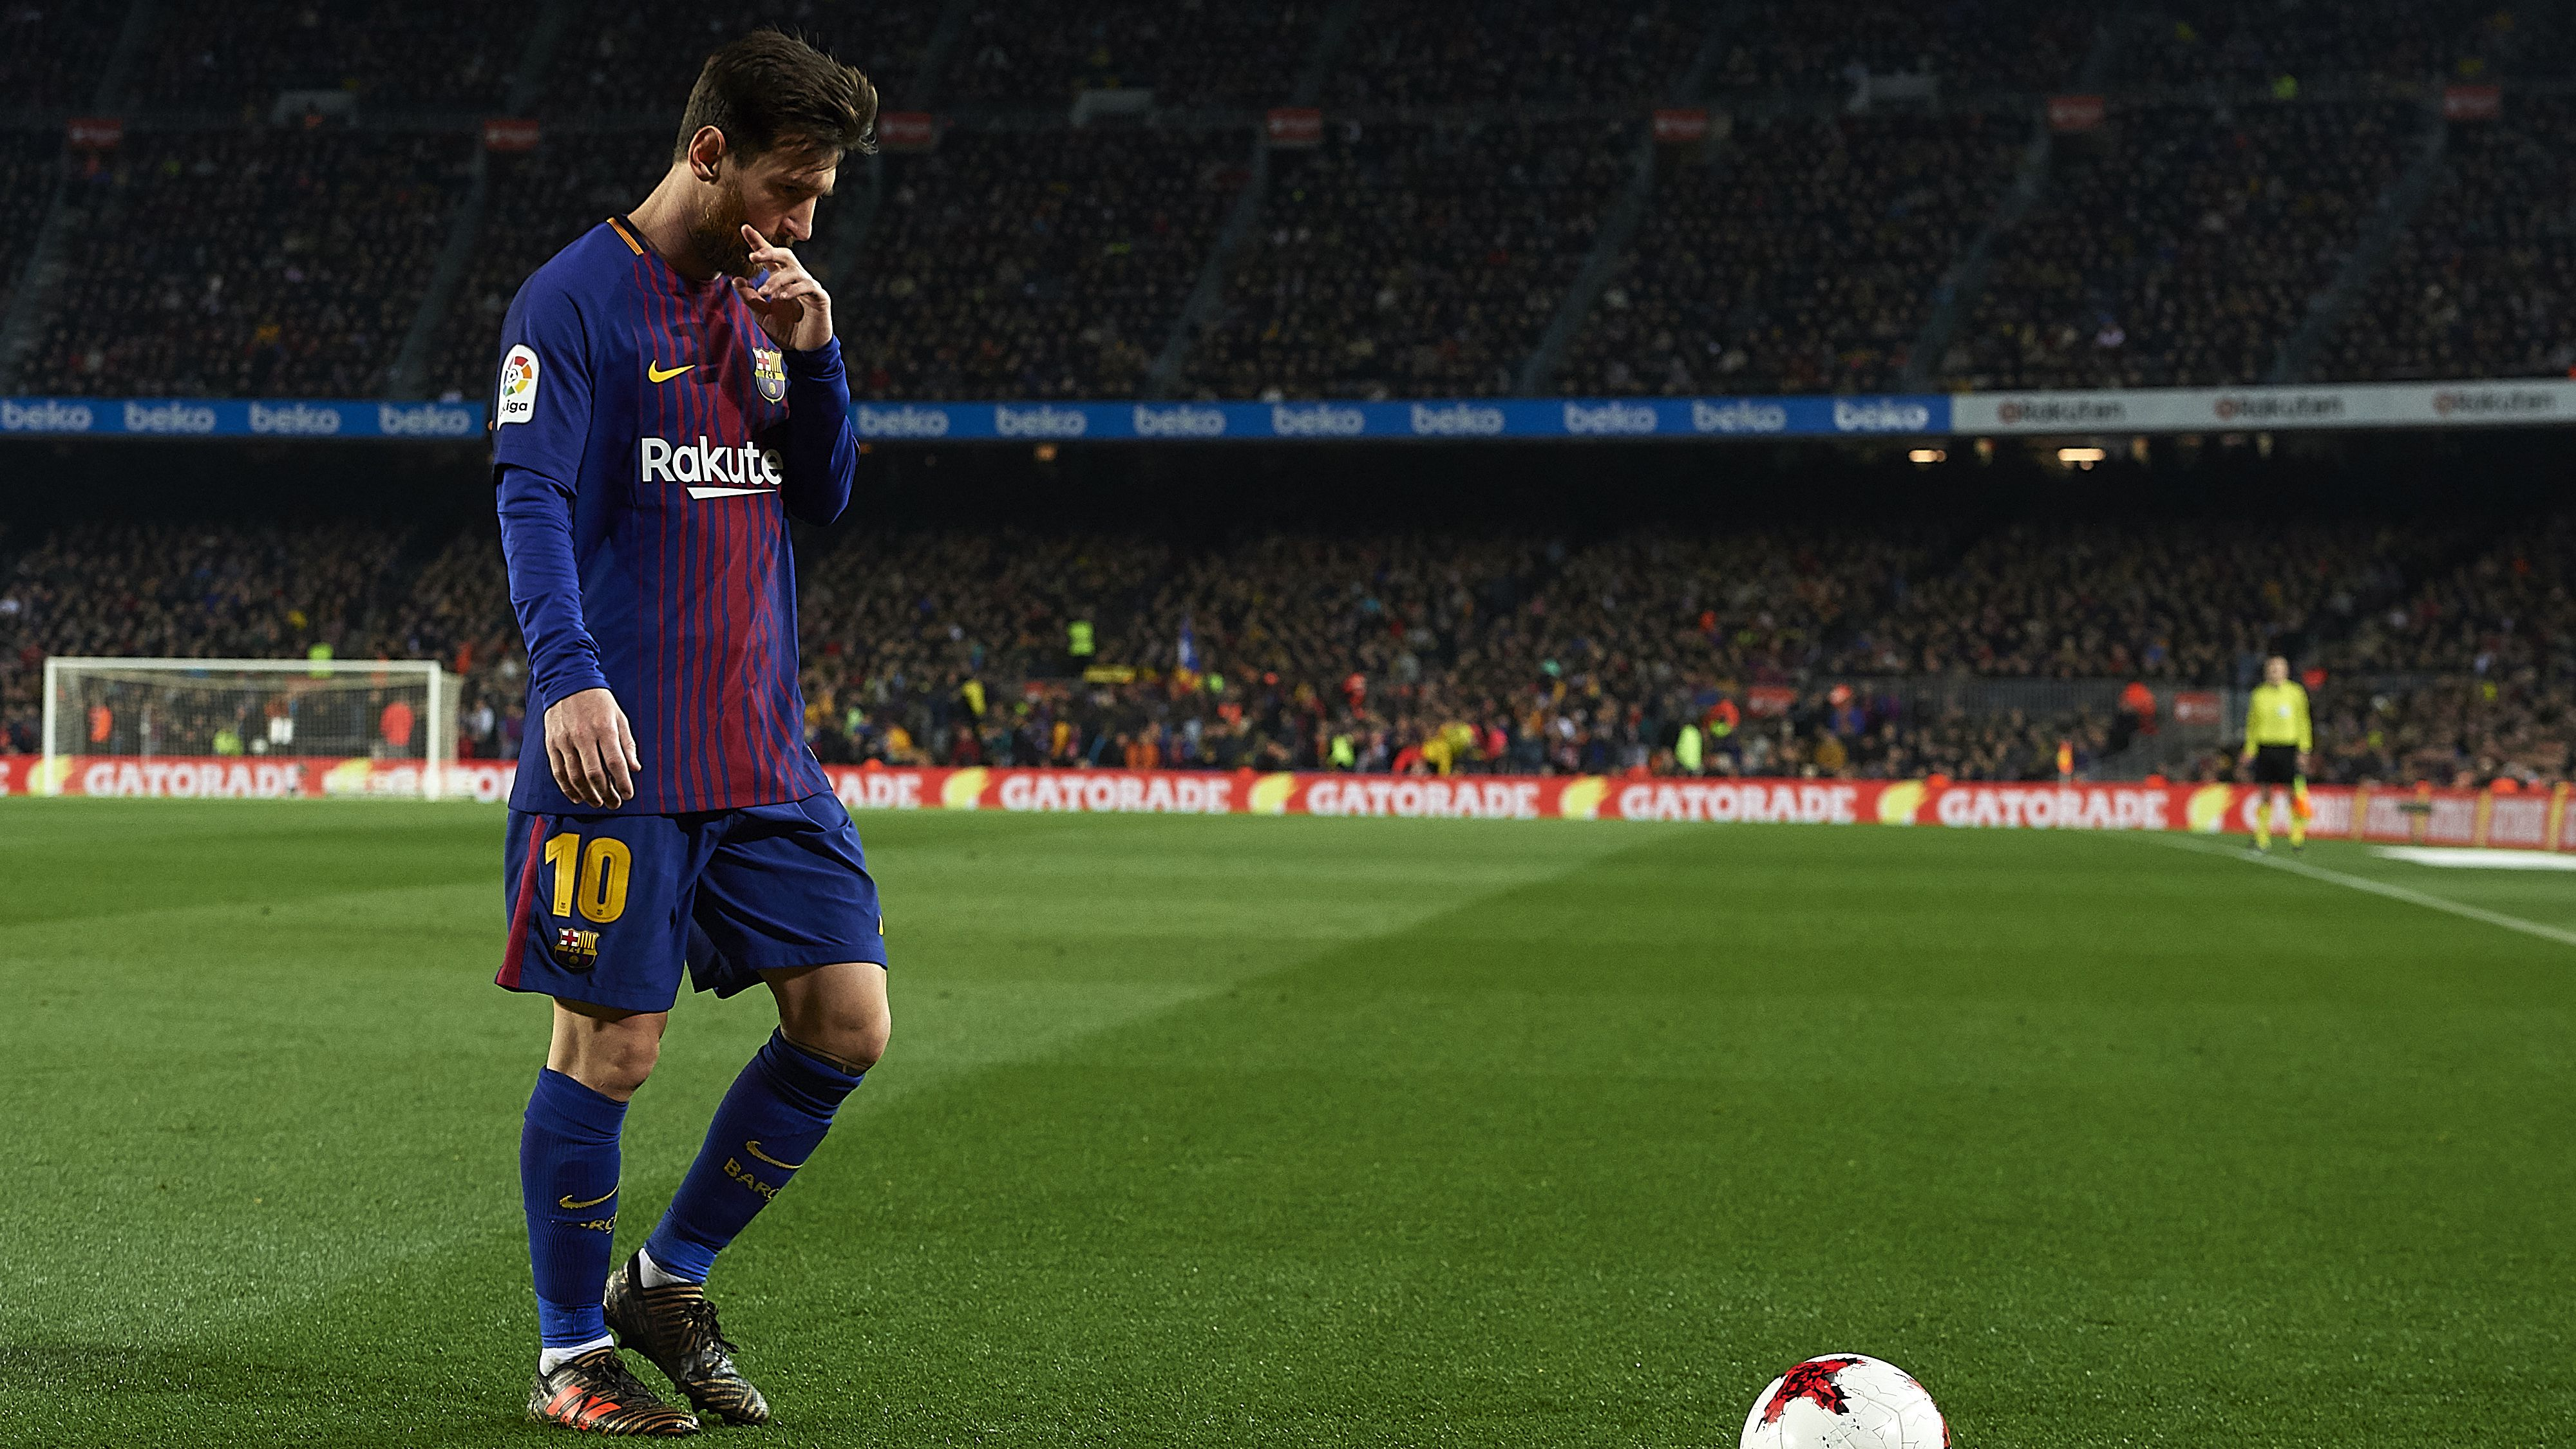 Messi pe Nou Camp, Barcelona - obiective turistice 2019